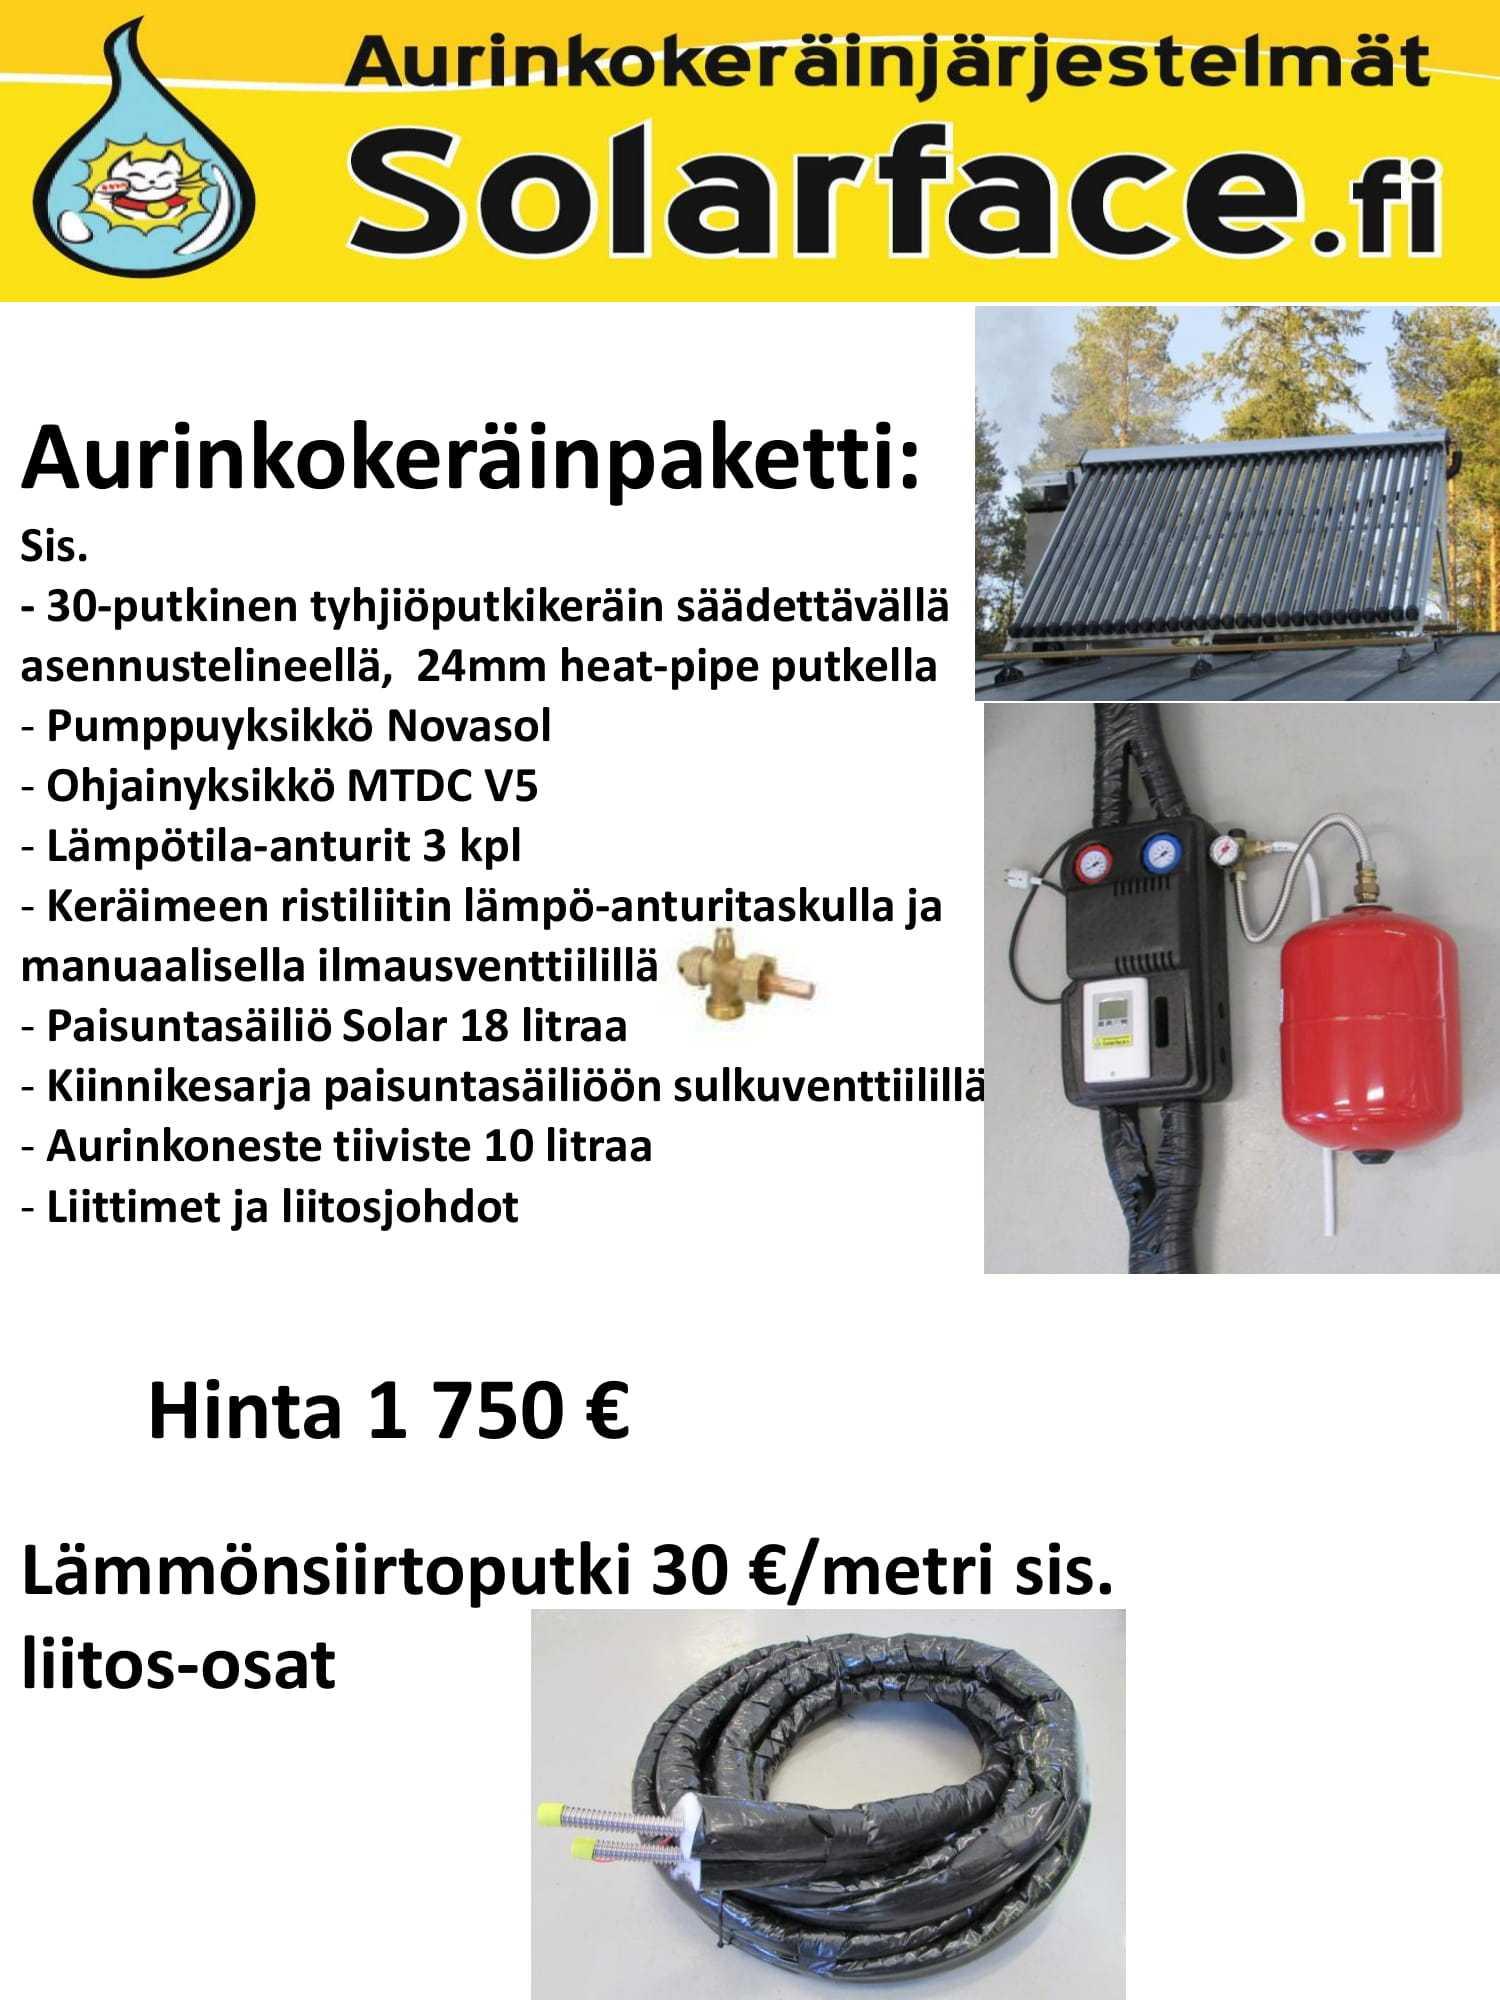 Aurinkokeräinpaketti